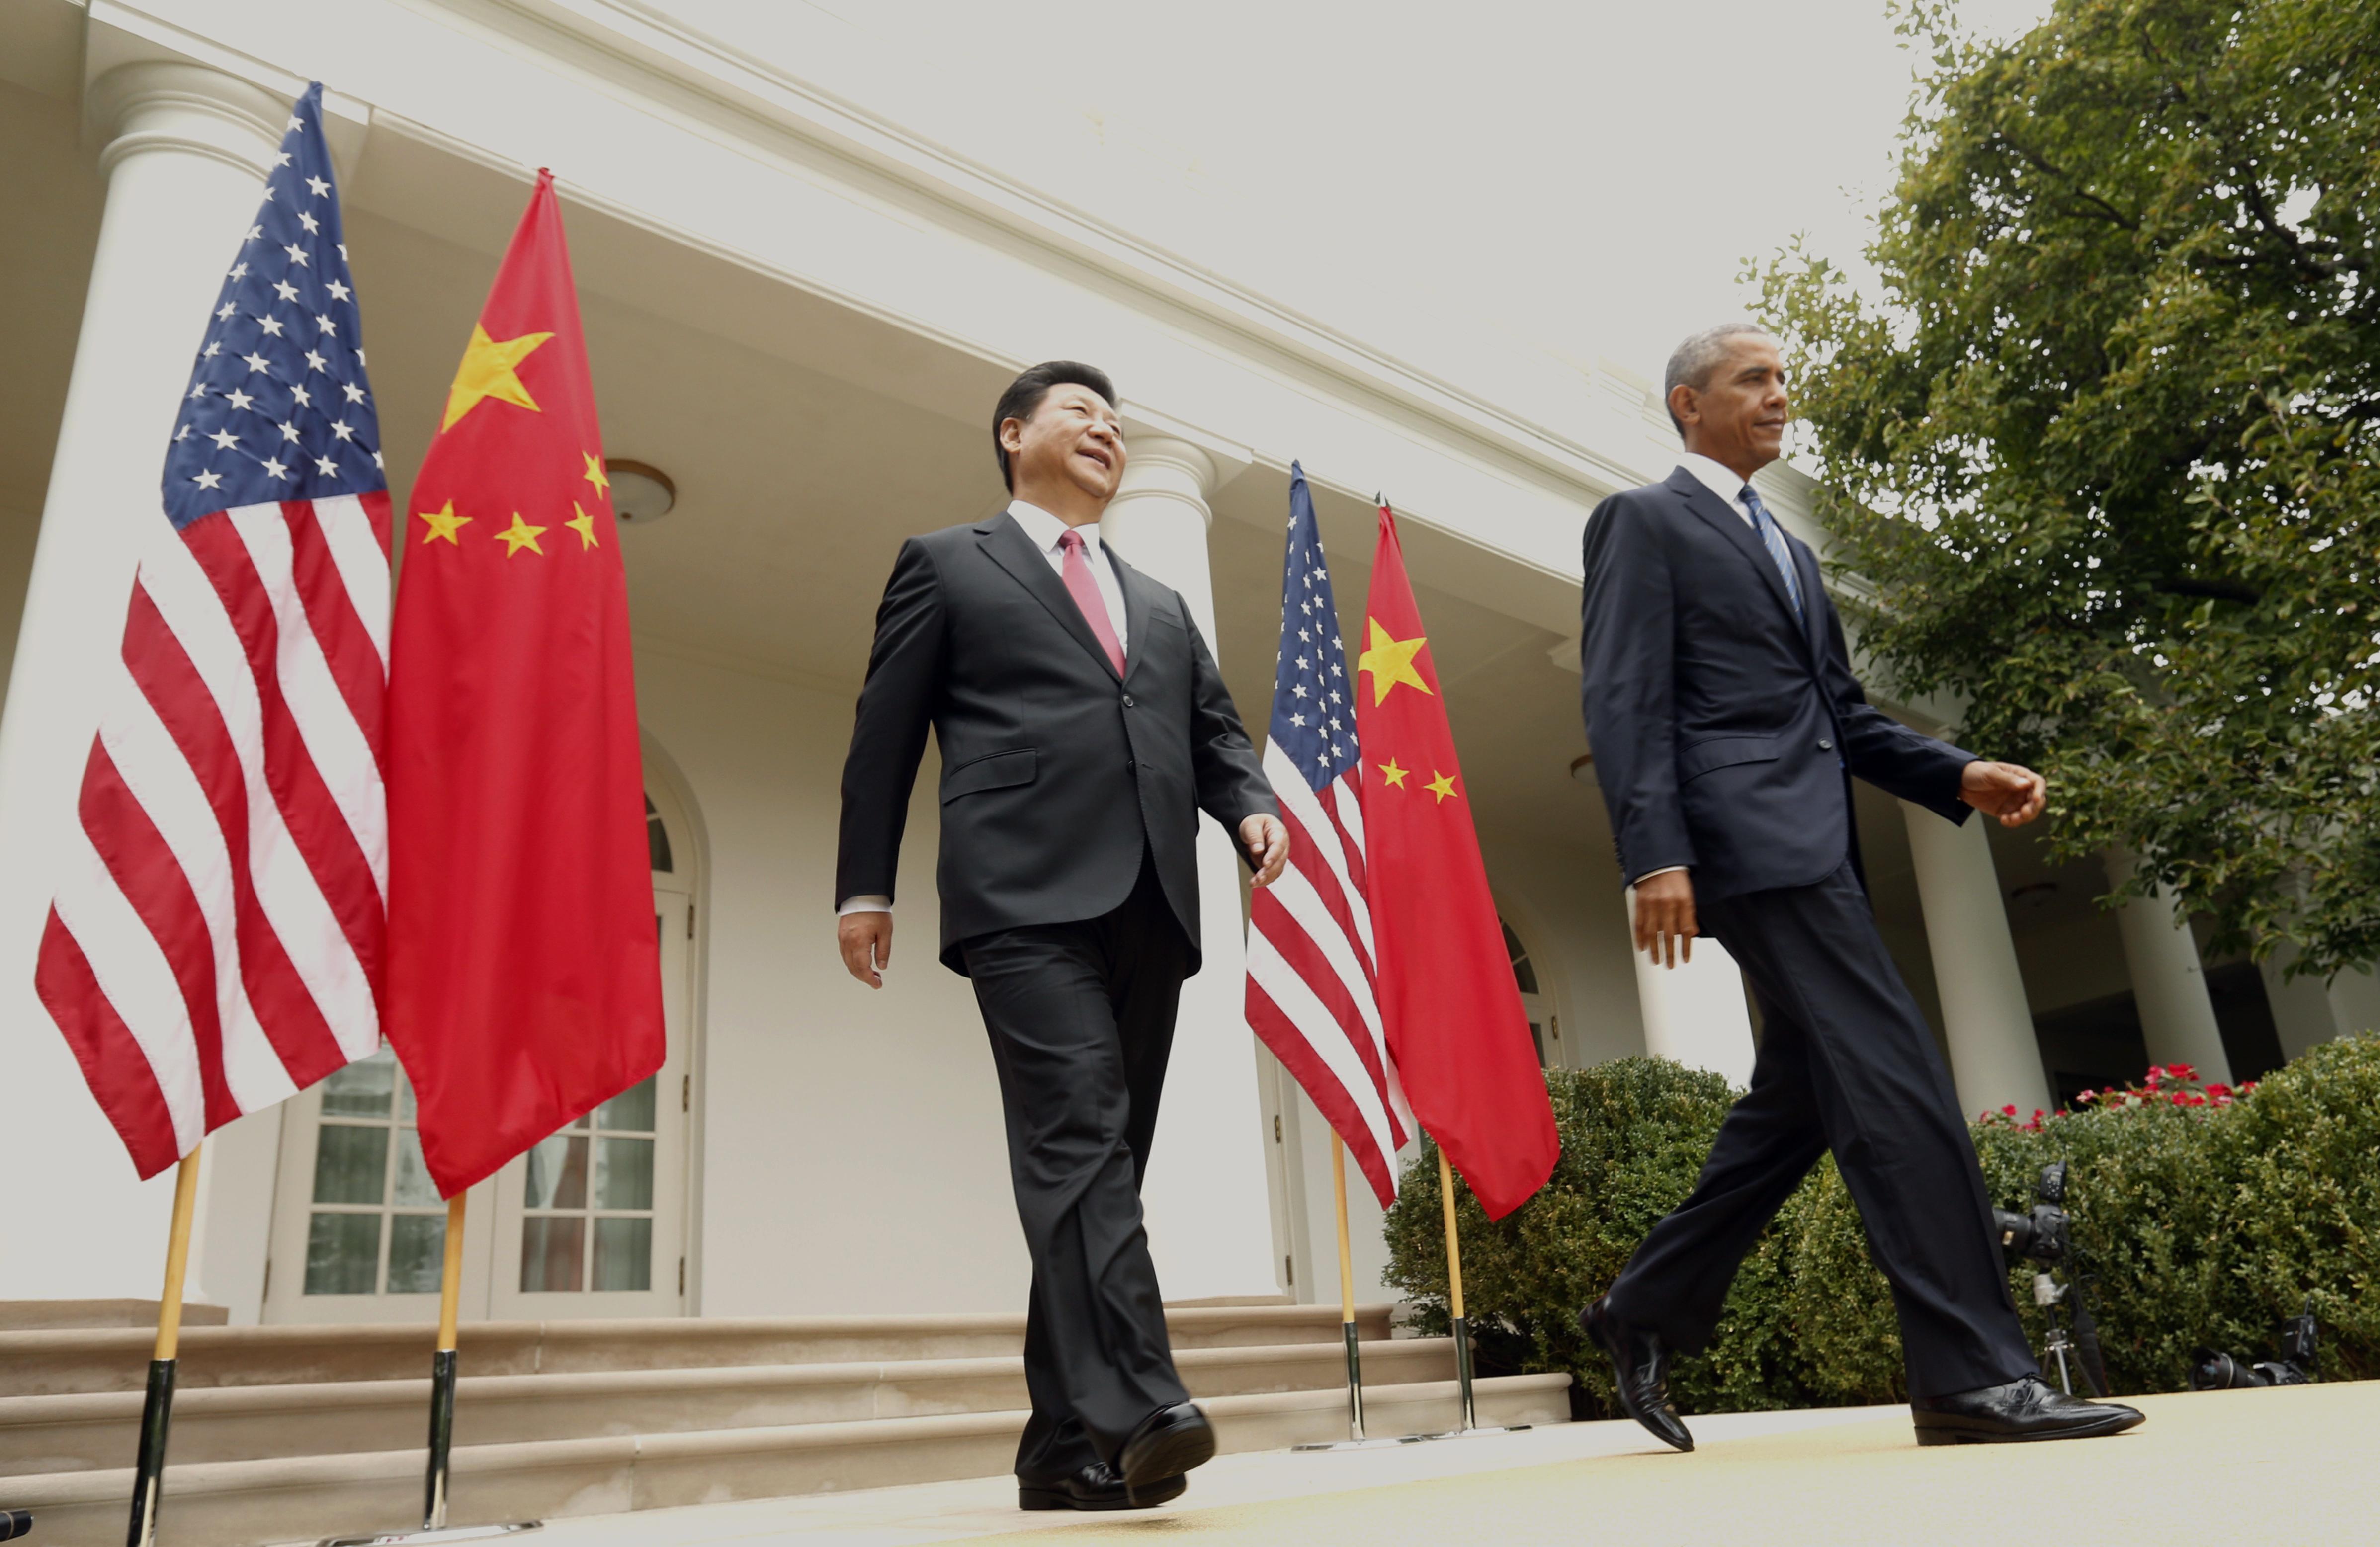 Kina matcher USA med penge til fattige landes klimamål | Nyheder | DR